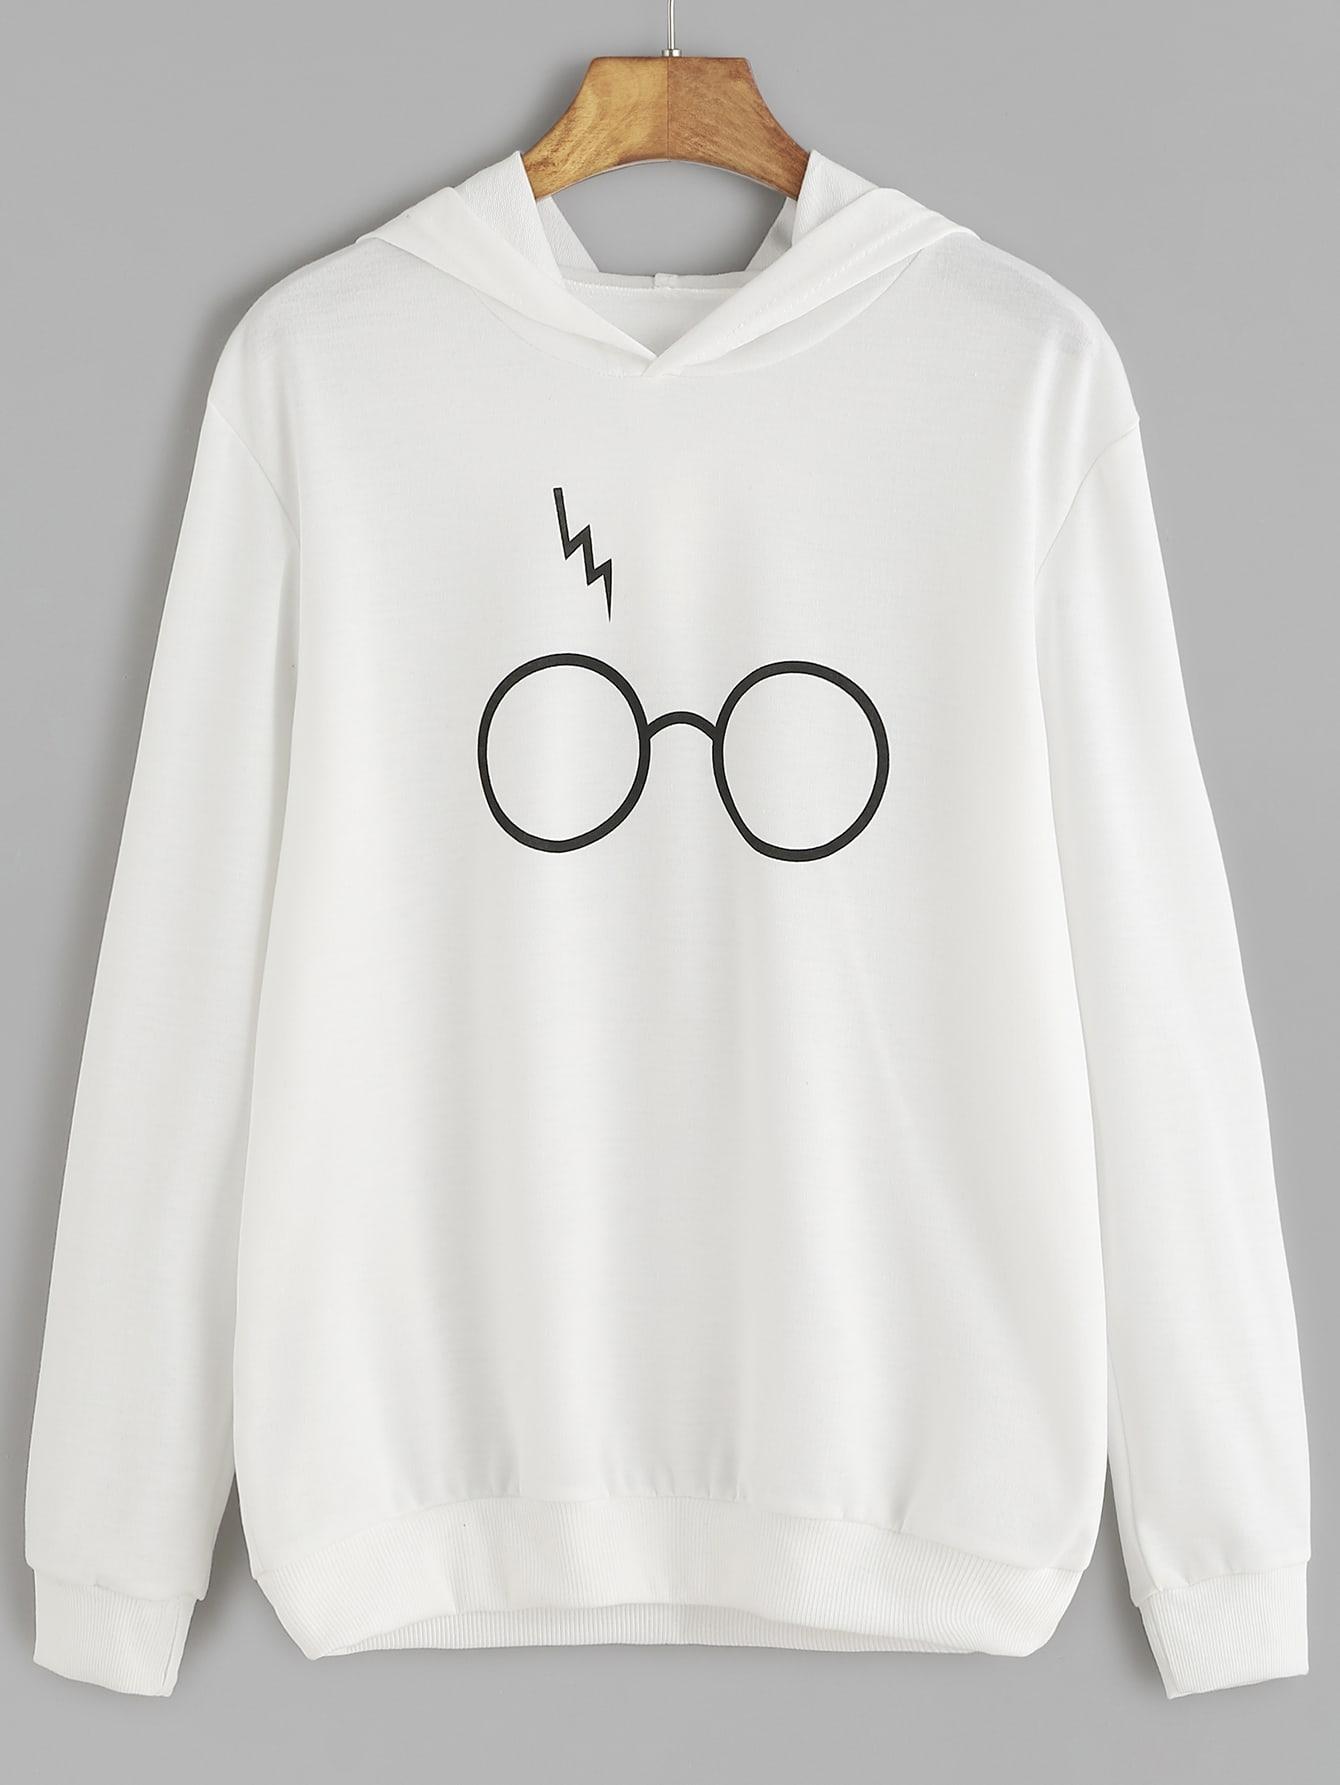 White Eyeglass Print Hooded SweatshirtWhite Eyeglass Print Hooded Sweatshirt<br><br>color: White<br>size: L,S,XL